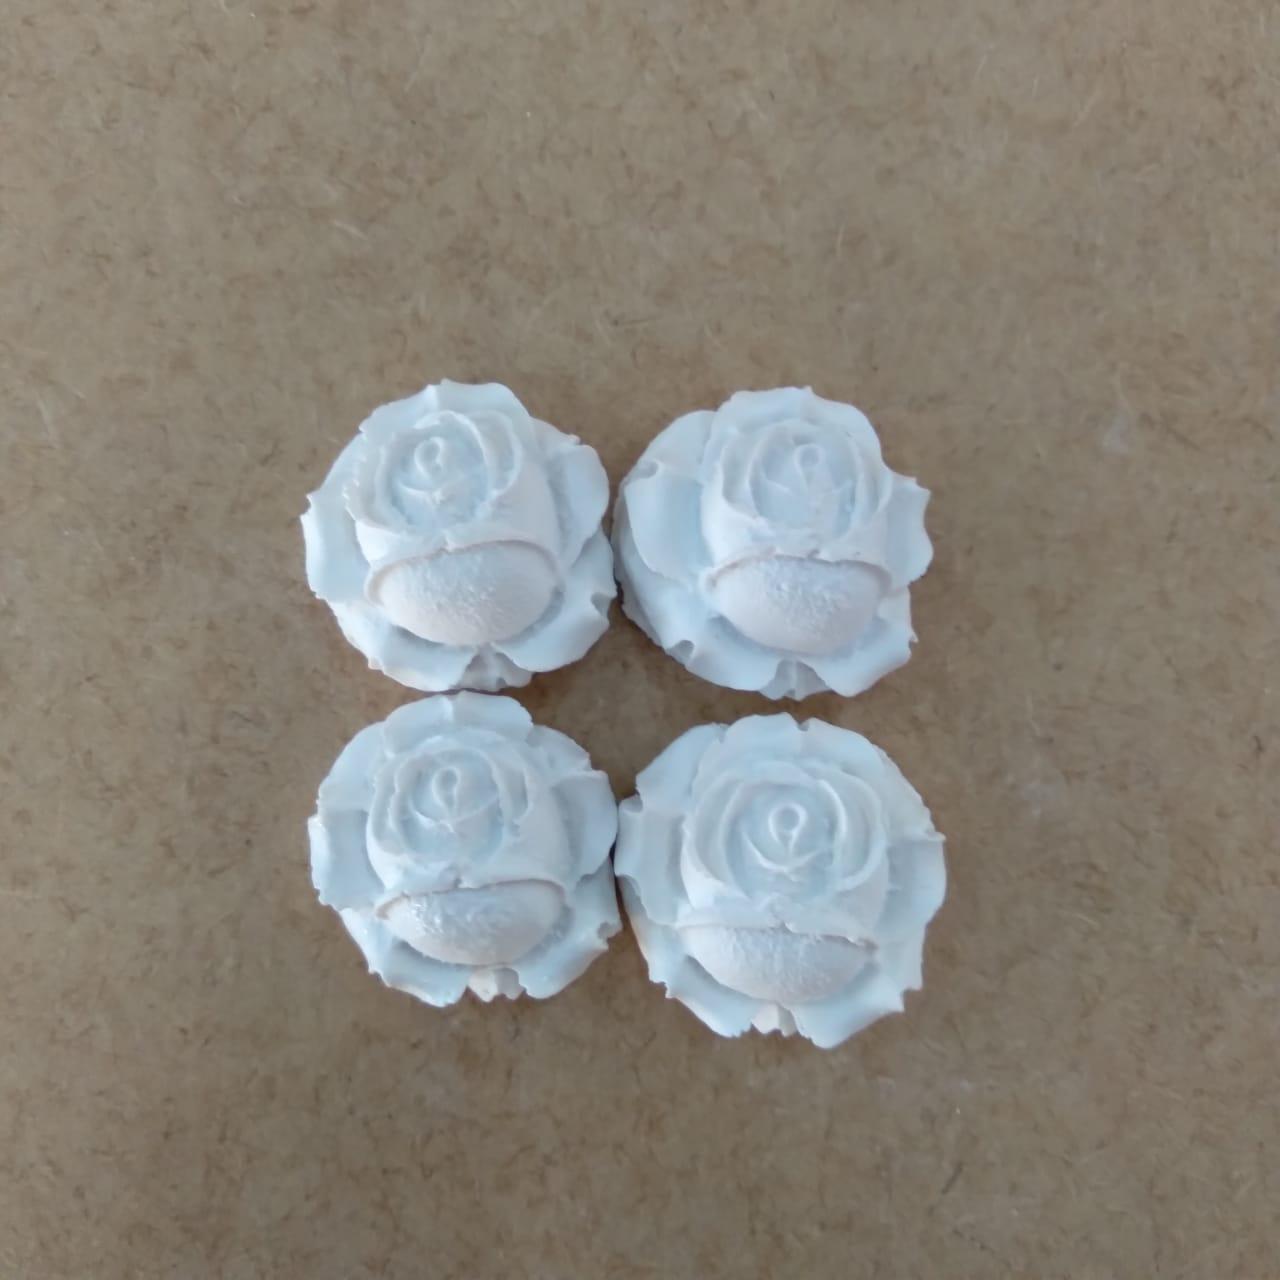 Aplique em Resina - Rosas kit com 4 peças